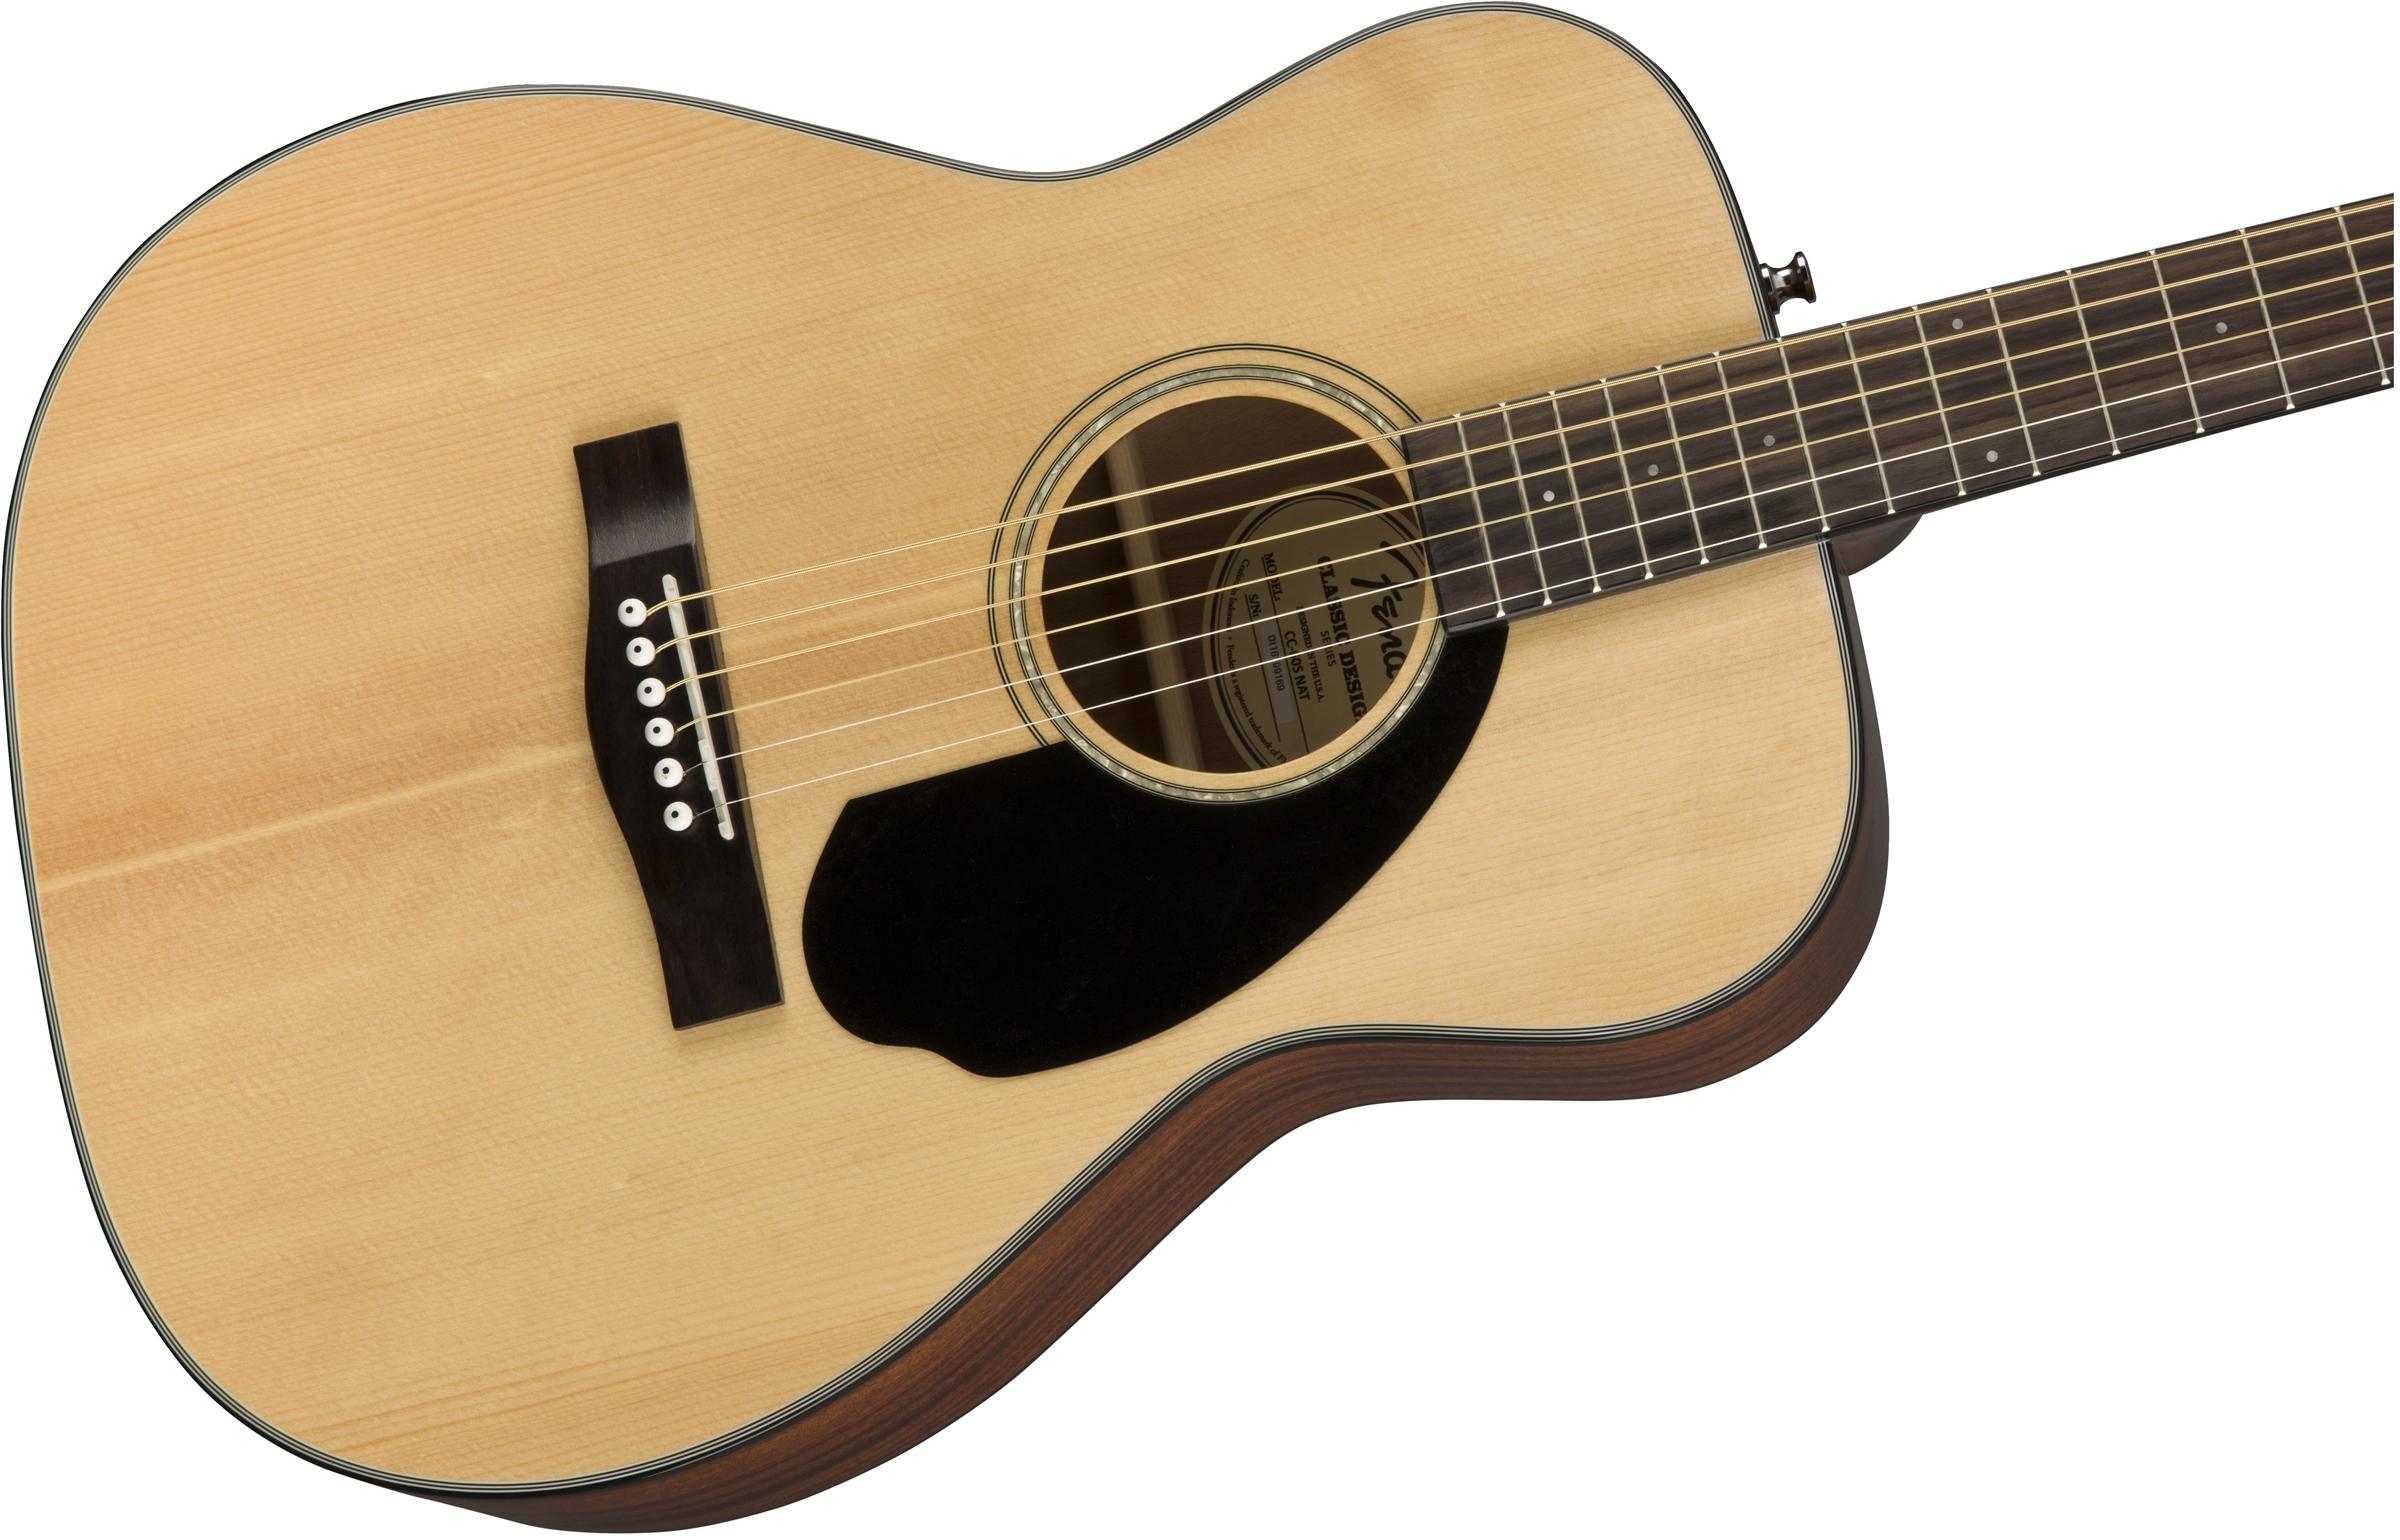 Cc 60s Acoustic Guitars